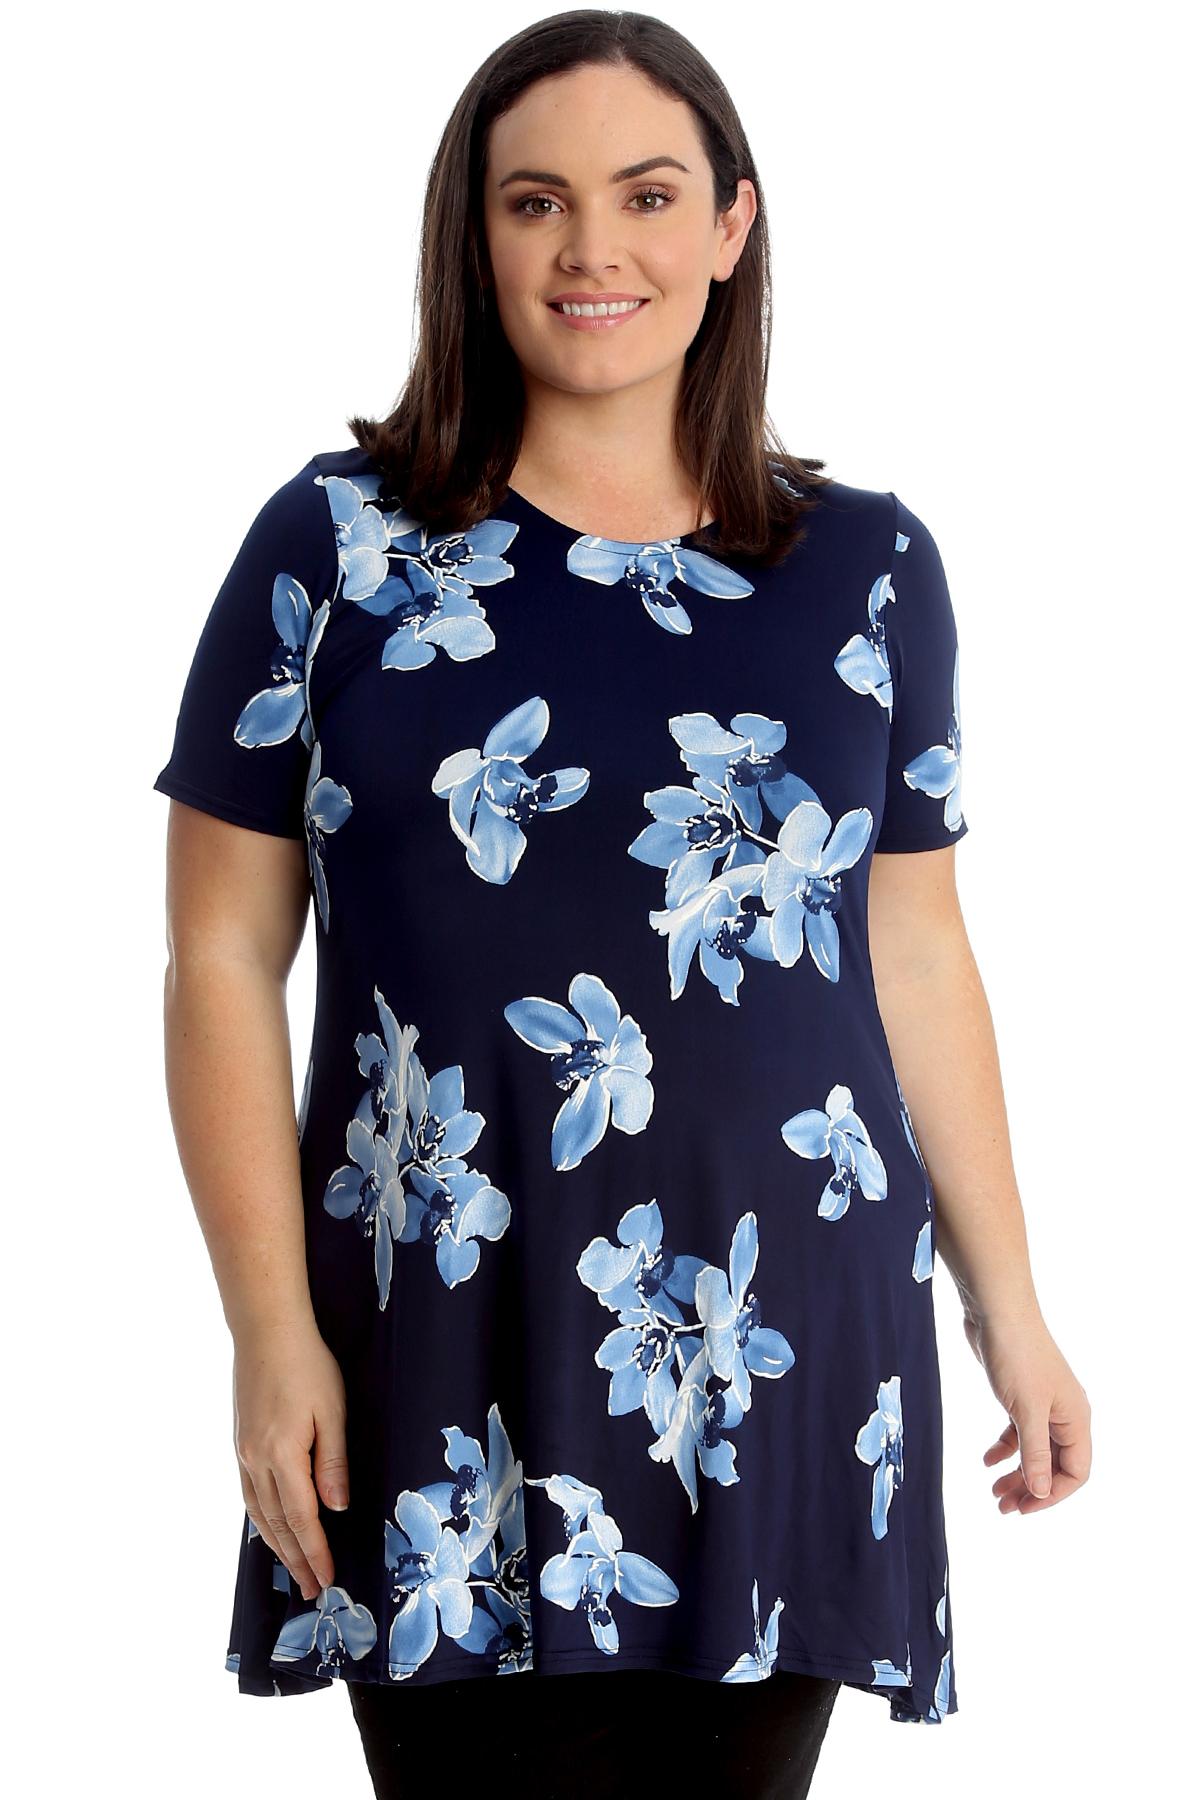 4f0cc299c8fcf6 Details about New Women Plus Size Swing Top Ladies Floral Print Tunic  A-Line Blouse Asymmetric